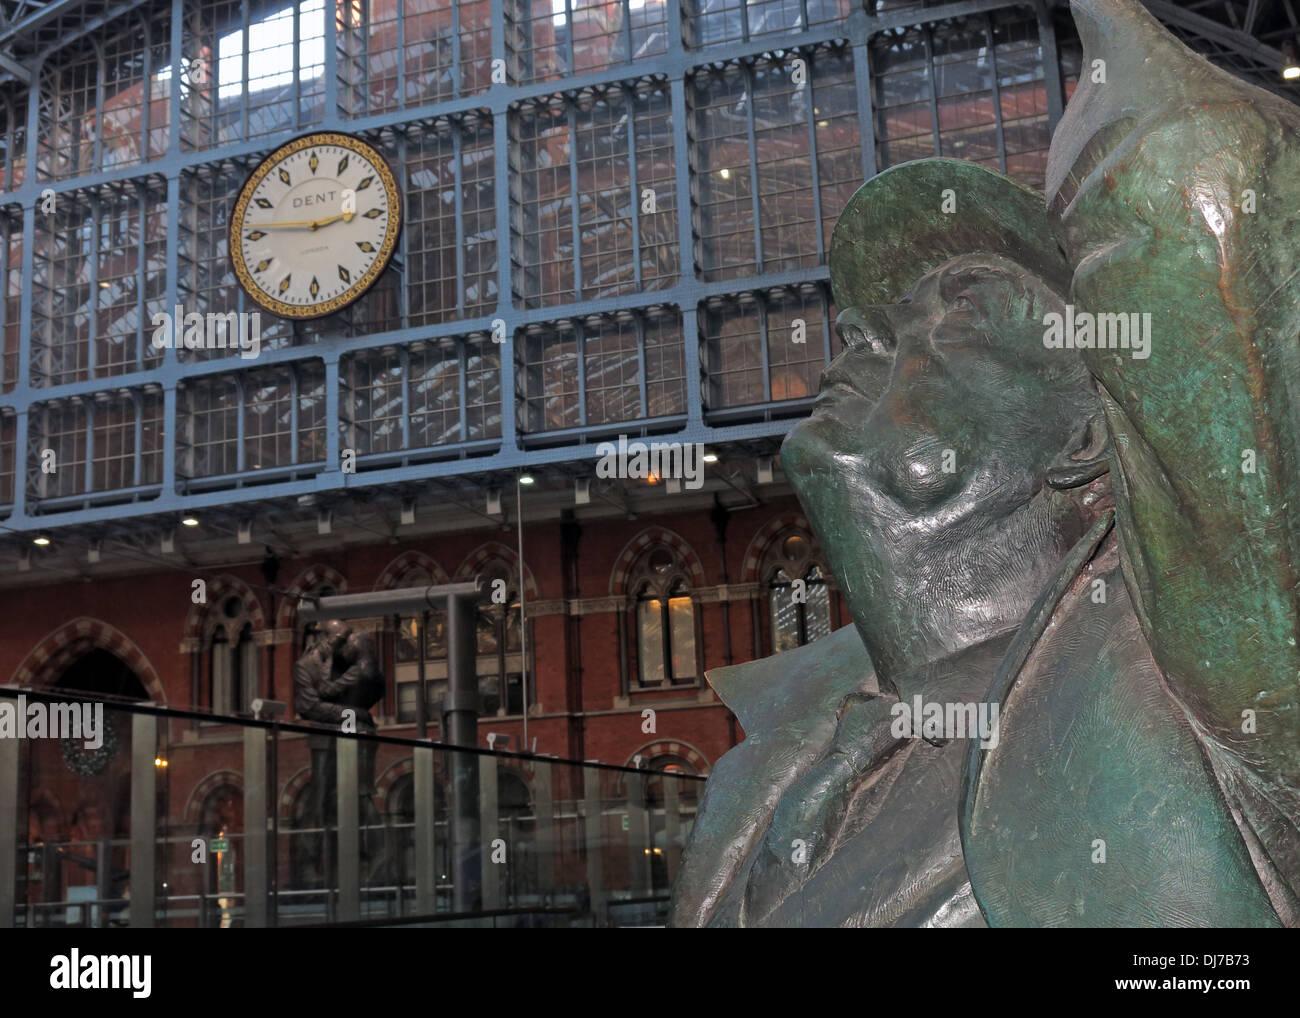 St Pancras Station interior Camden London England UK clock and Sir John Beteman - Stock Image